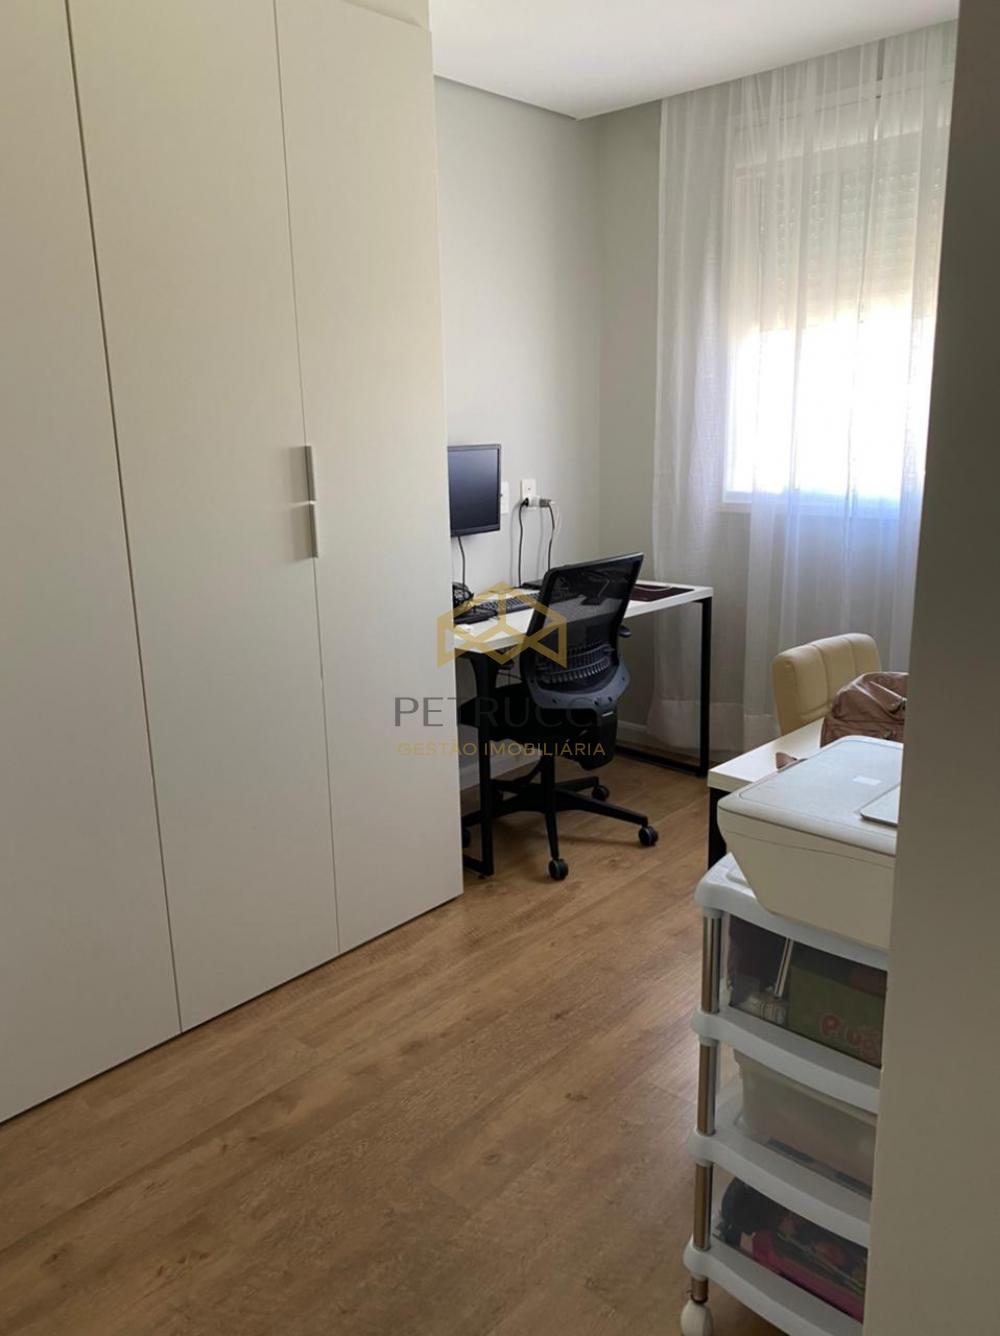 Comprar Apartamento / Padrão em Campinas R$ 1.060.000,00 - Foto 14